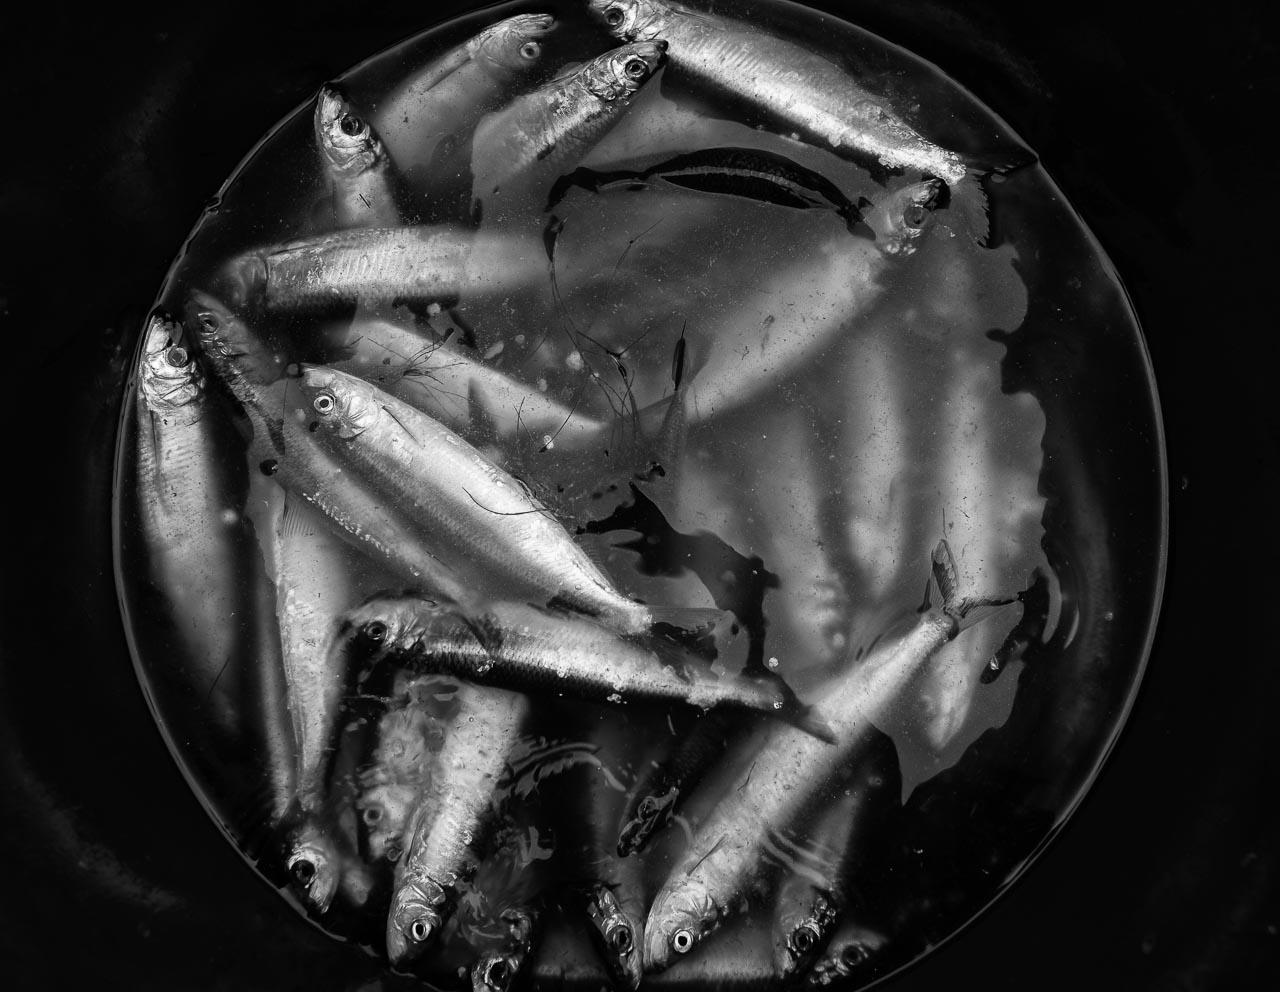 Matthias Nanz aus Schleswig ist einer der letzten Berufsfischer an der Schlei. Mit seinem Boot fährt Matthias Nanz vom Liegeplatz in Missunde zu den Fanggründen in der Schlei. An diesem kalten Fangtag Mitte Dezember gingen vor allem Heringe ins Netz.